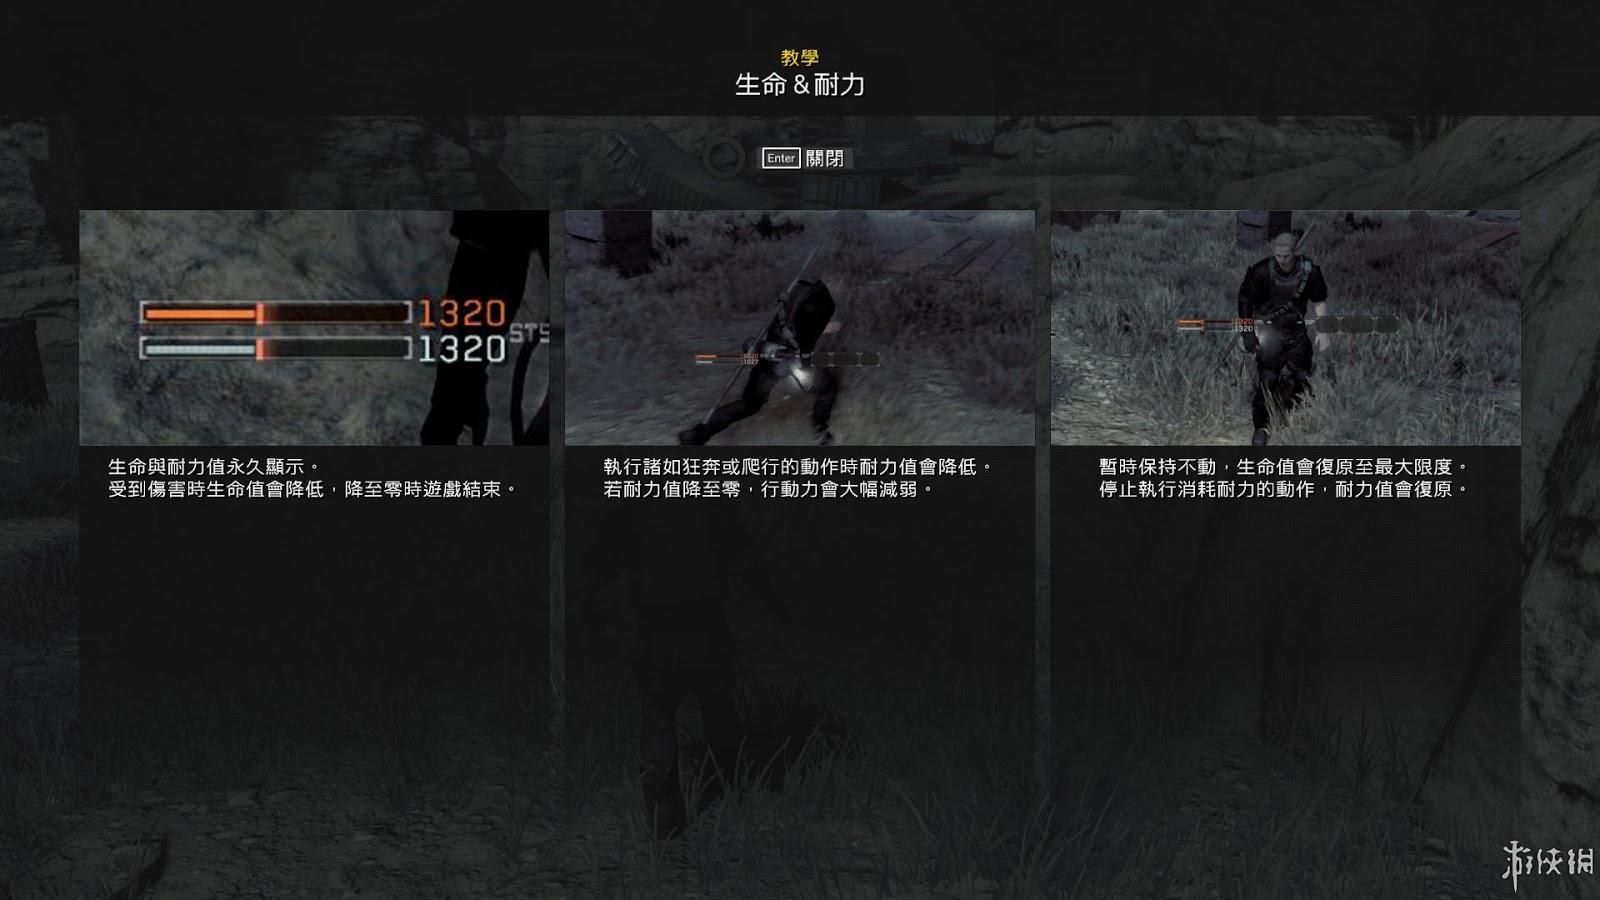 潛龍諜影 求生戰 遊戲圖文攻略   娛樂計程車